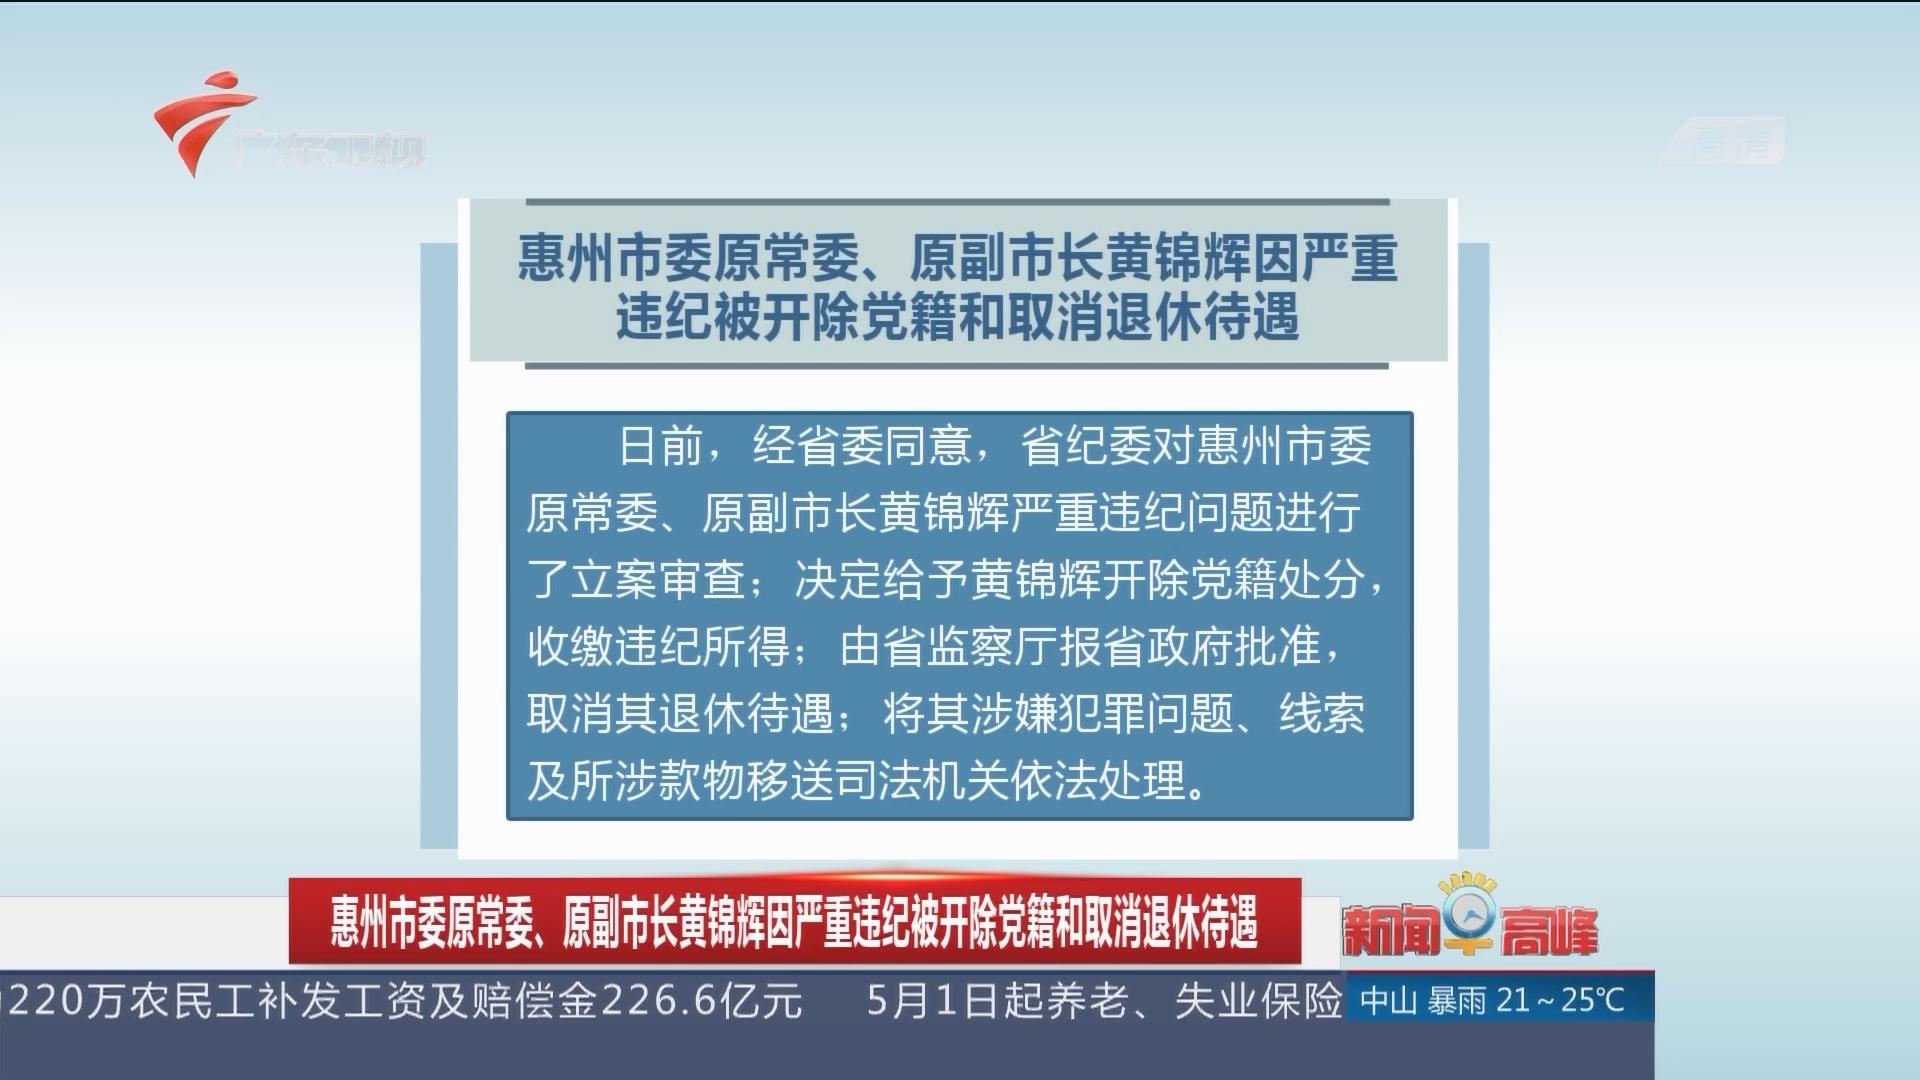 惠州市委原常委、原副市长黄锦辉因严重违纪被开除党籍和取消退休待遇